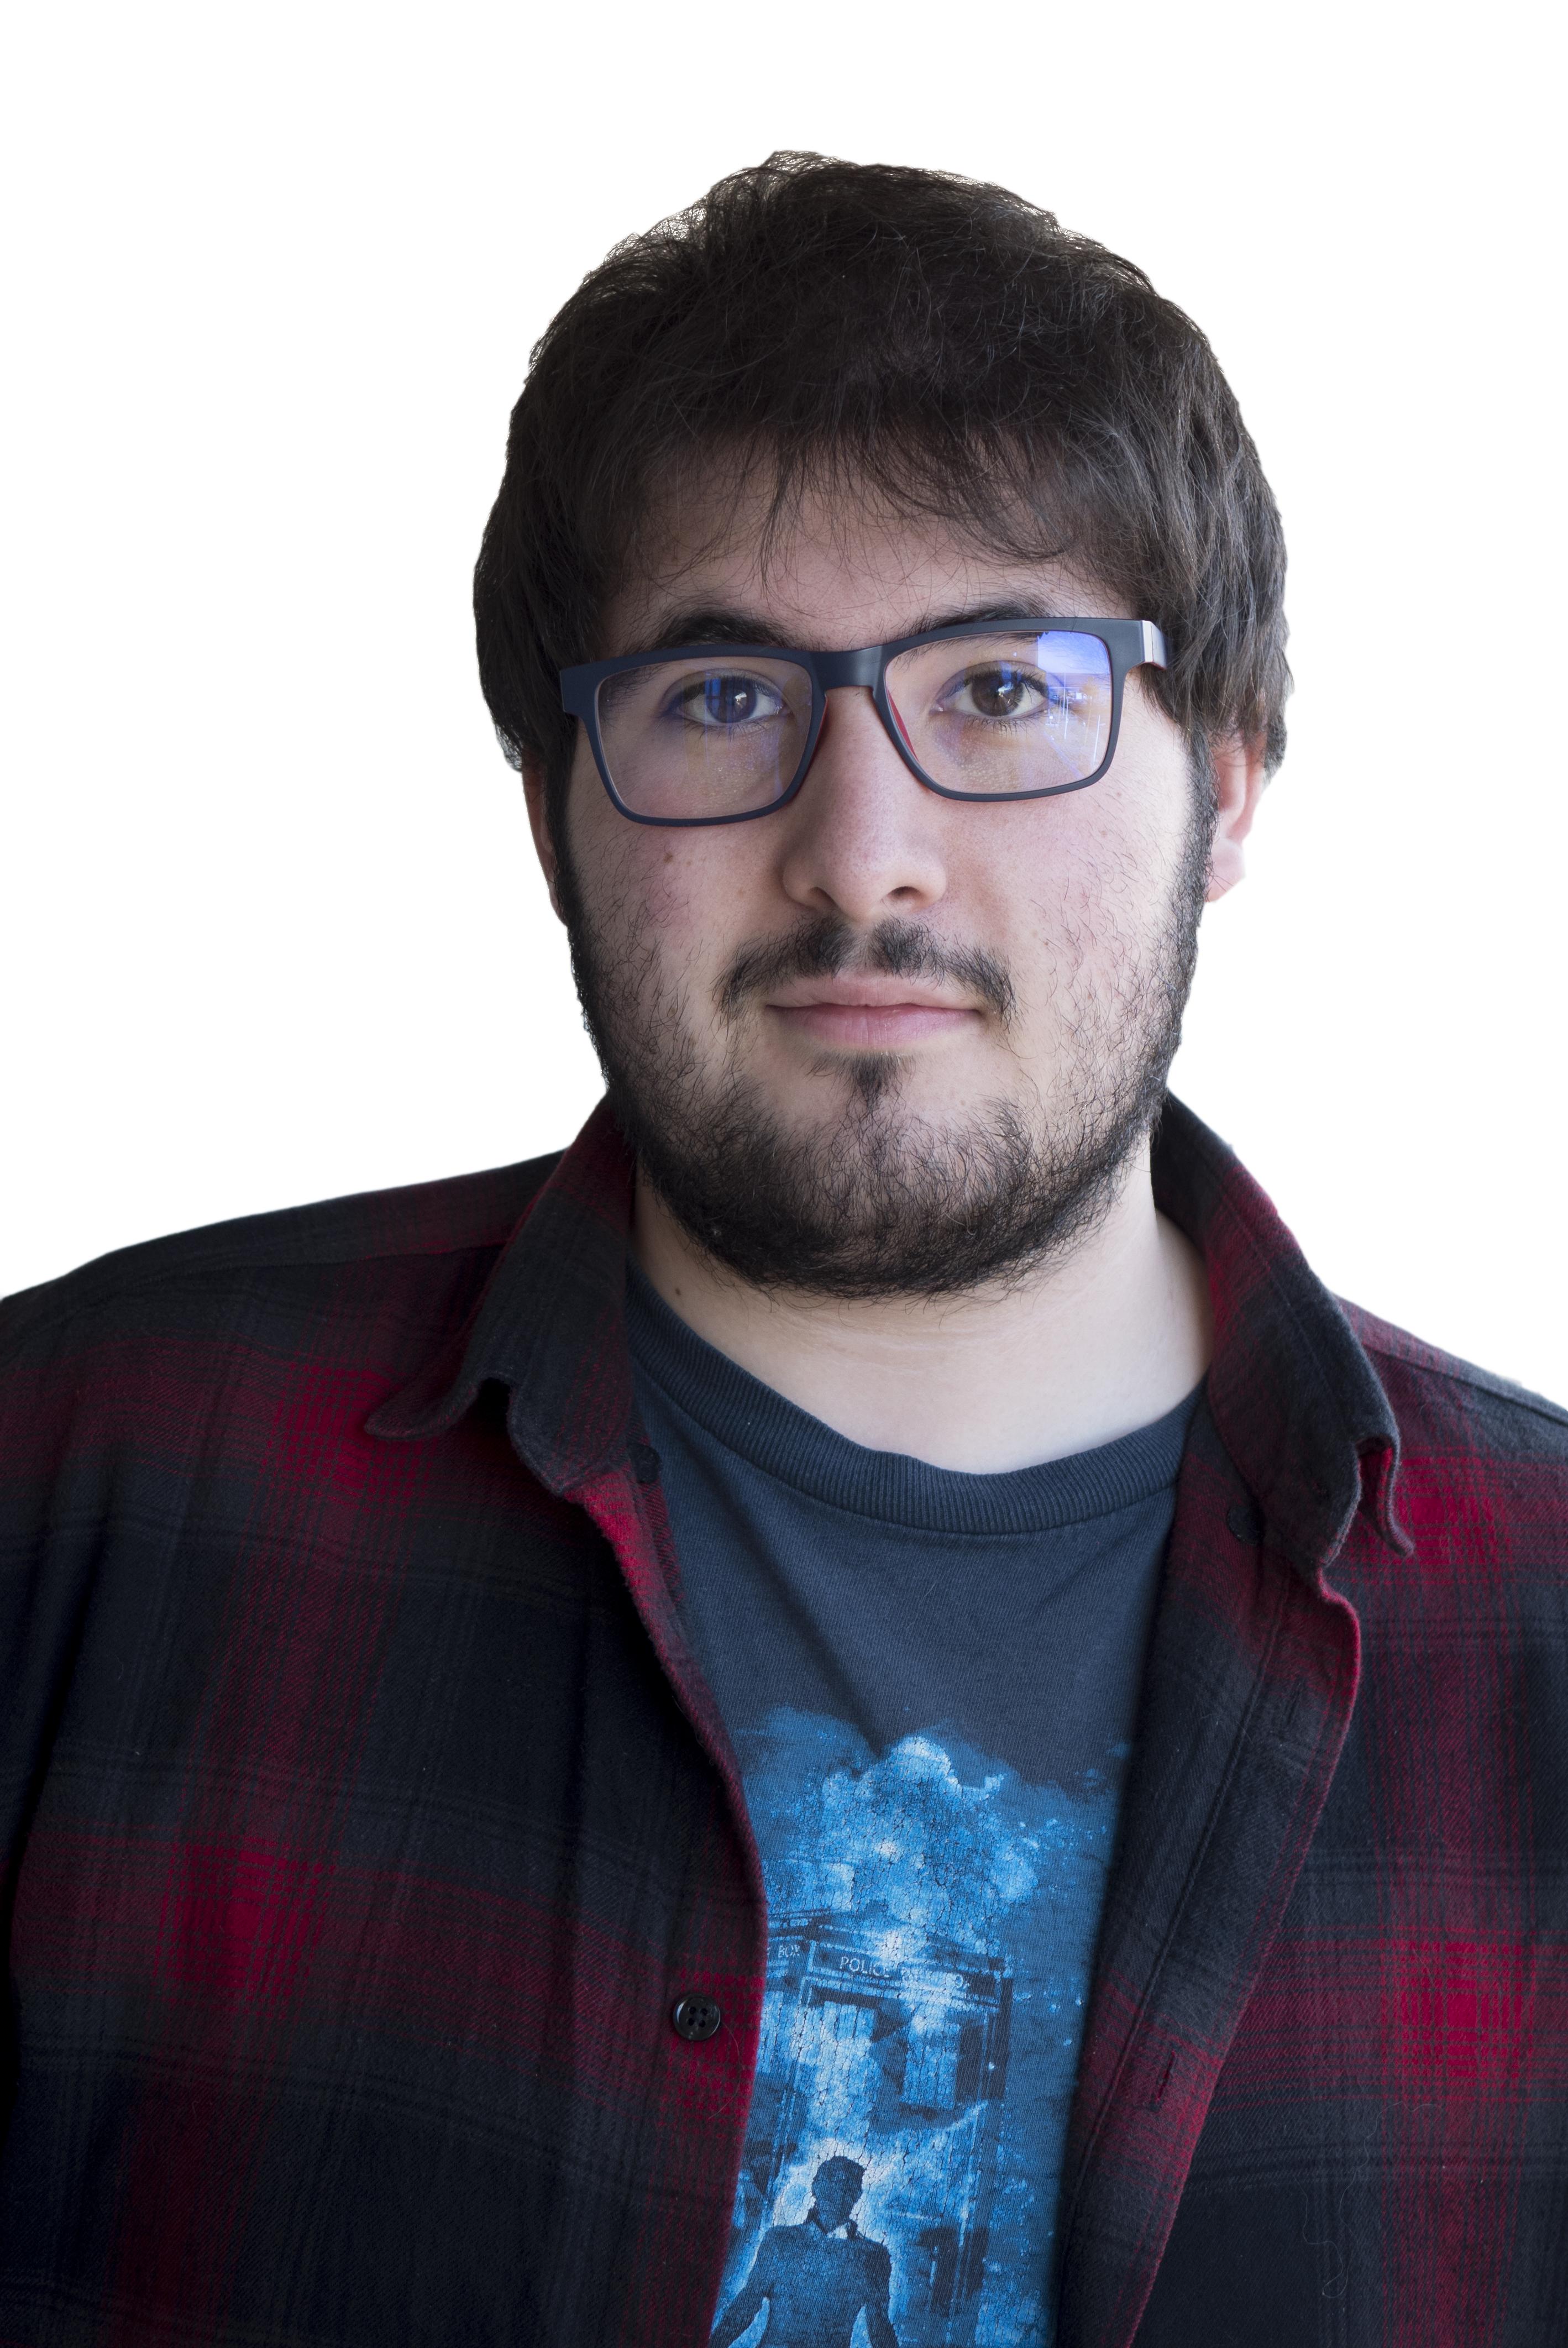 Foto de perfil Sam Rausell